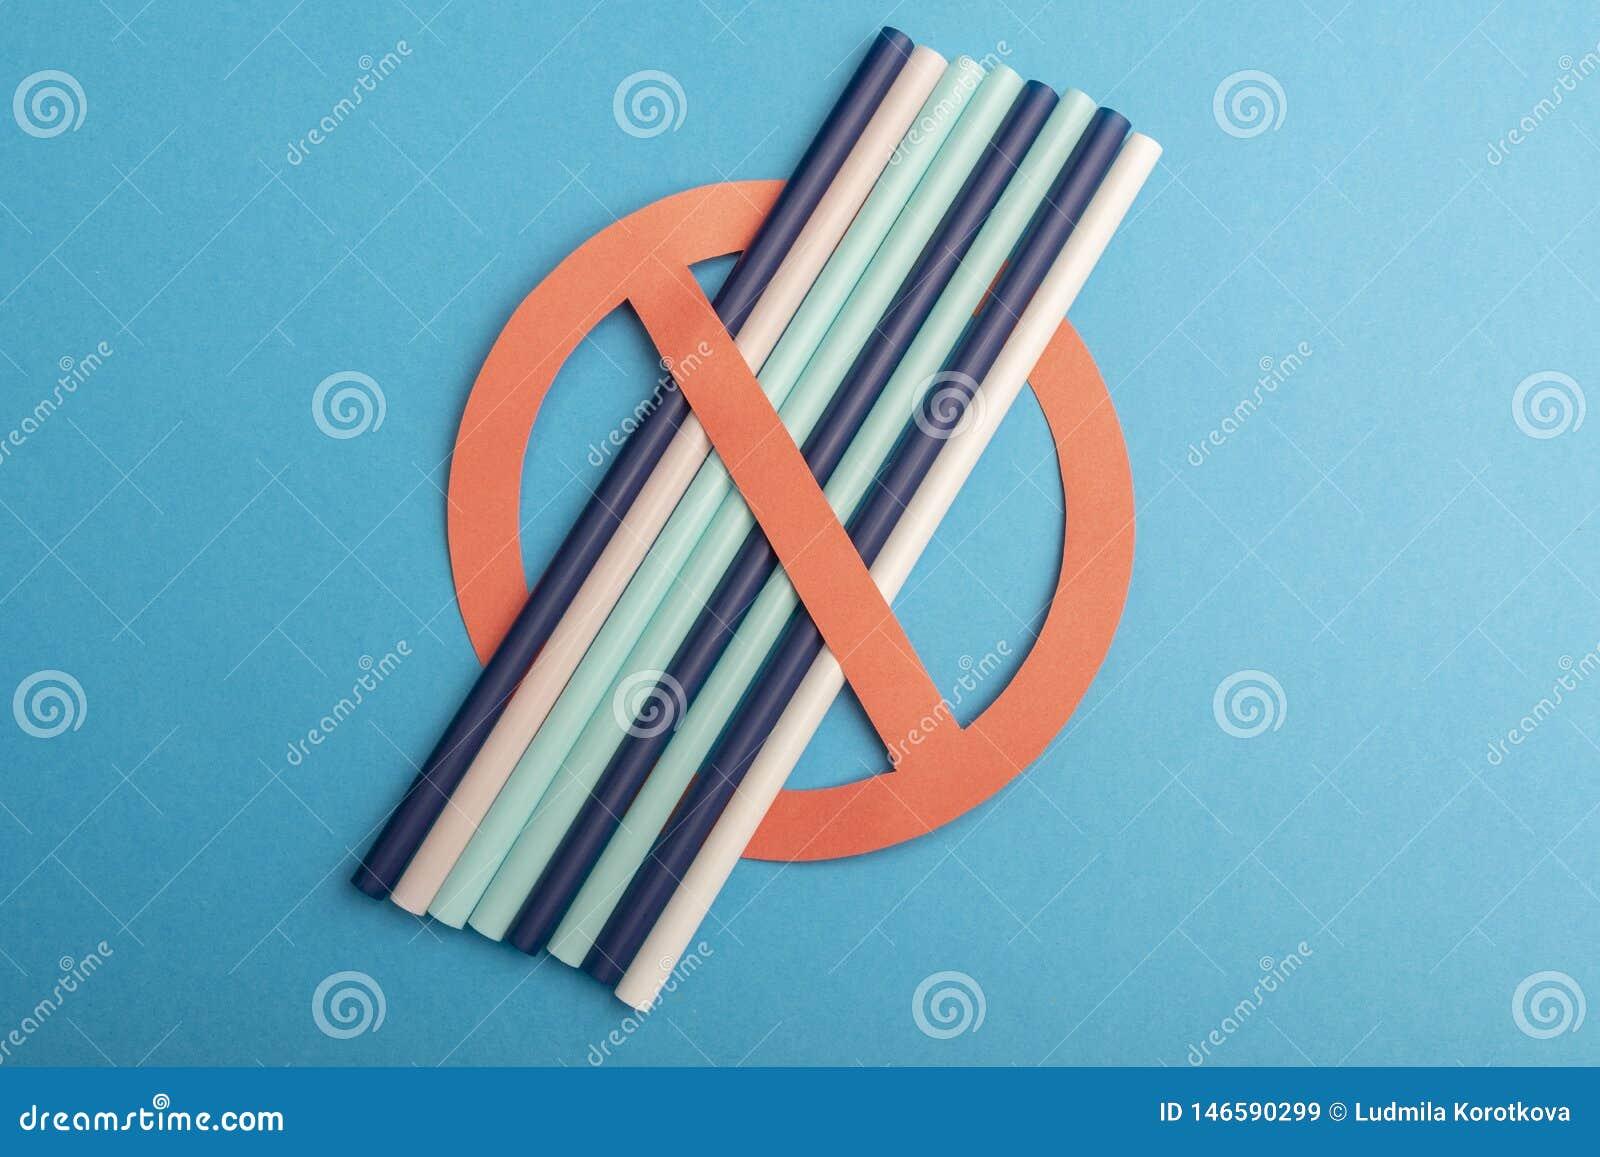 Plastic die stro voor drinkwater of frisdranken wordt gebruikt concept protest op blauwe achtergrond geen plastiek